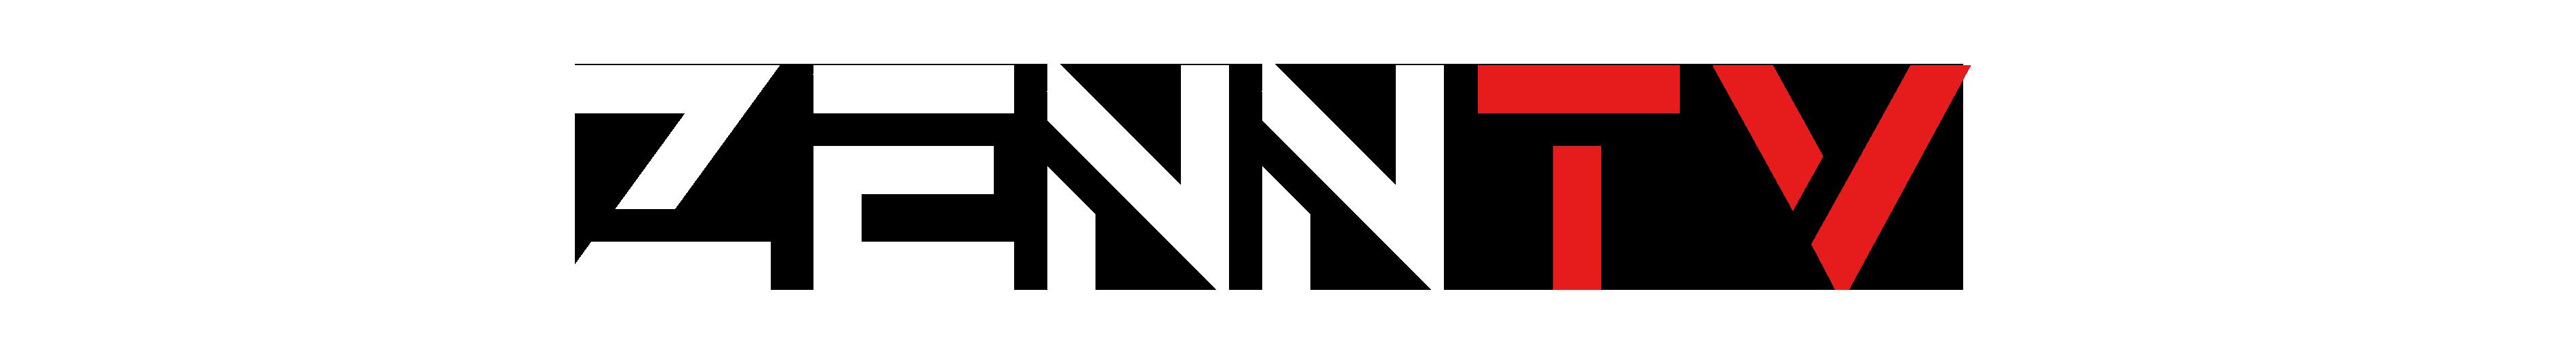 ZennTv